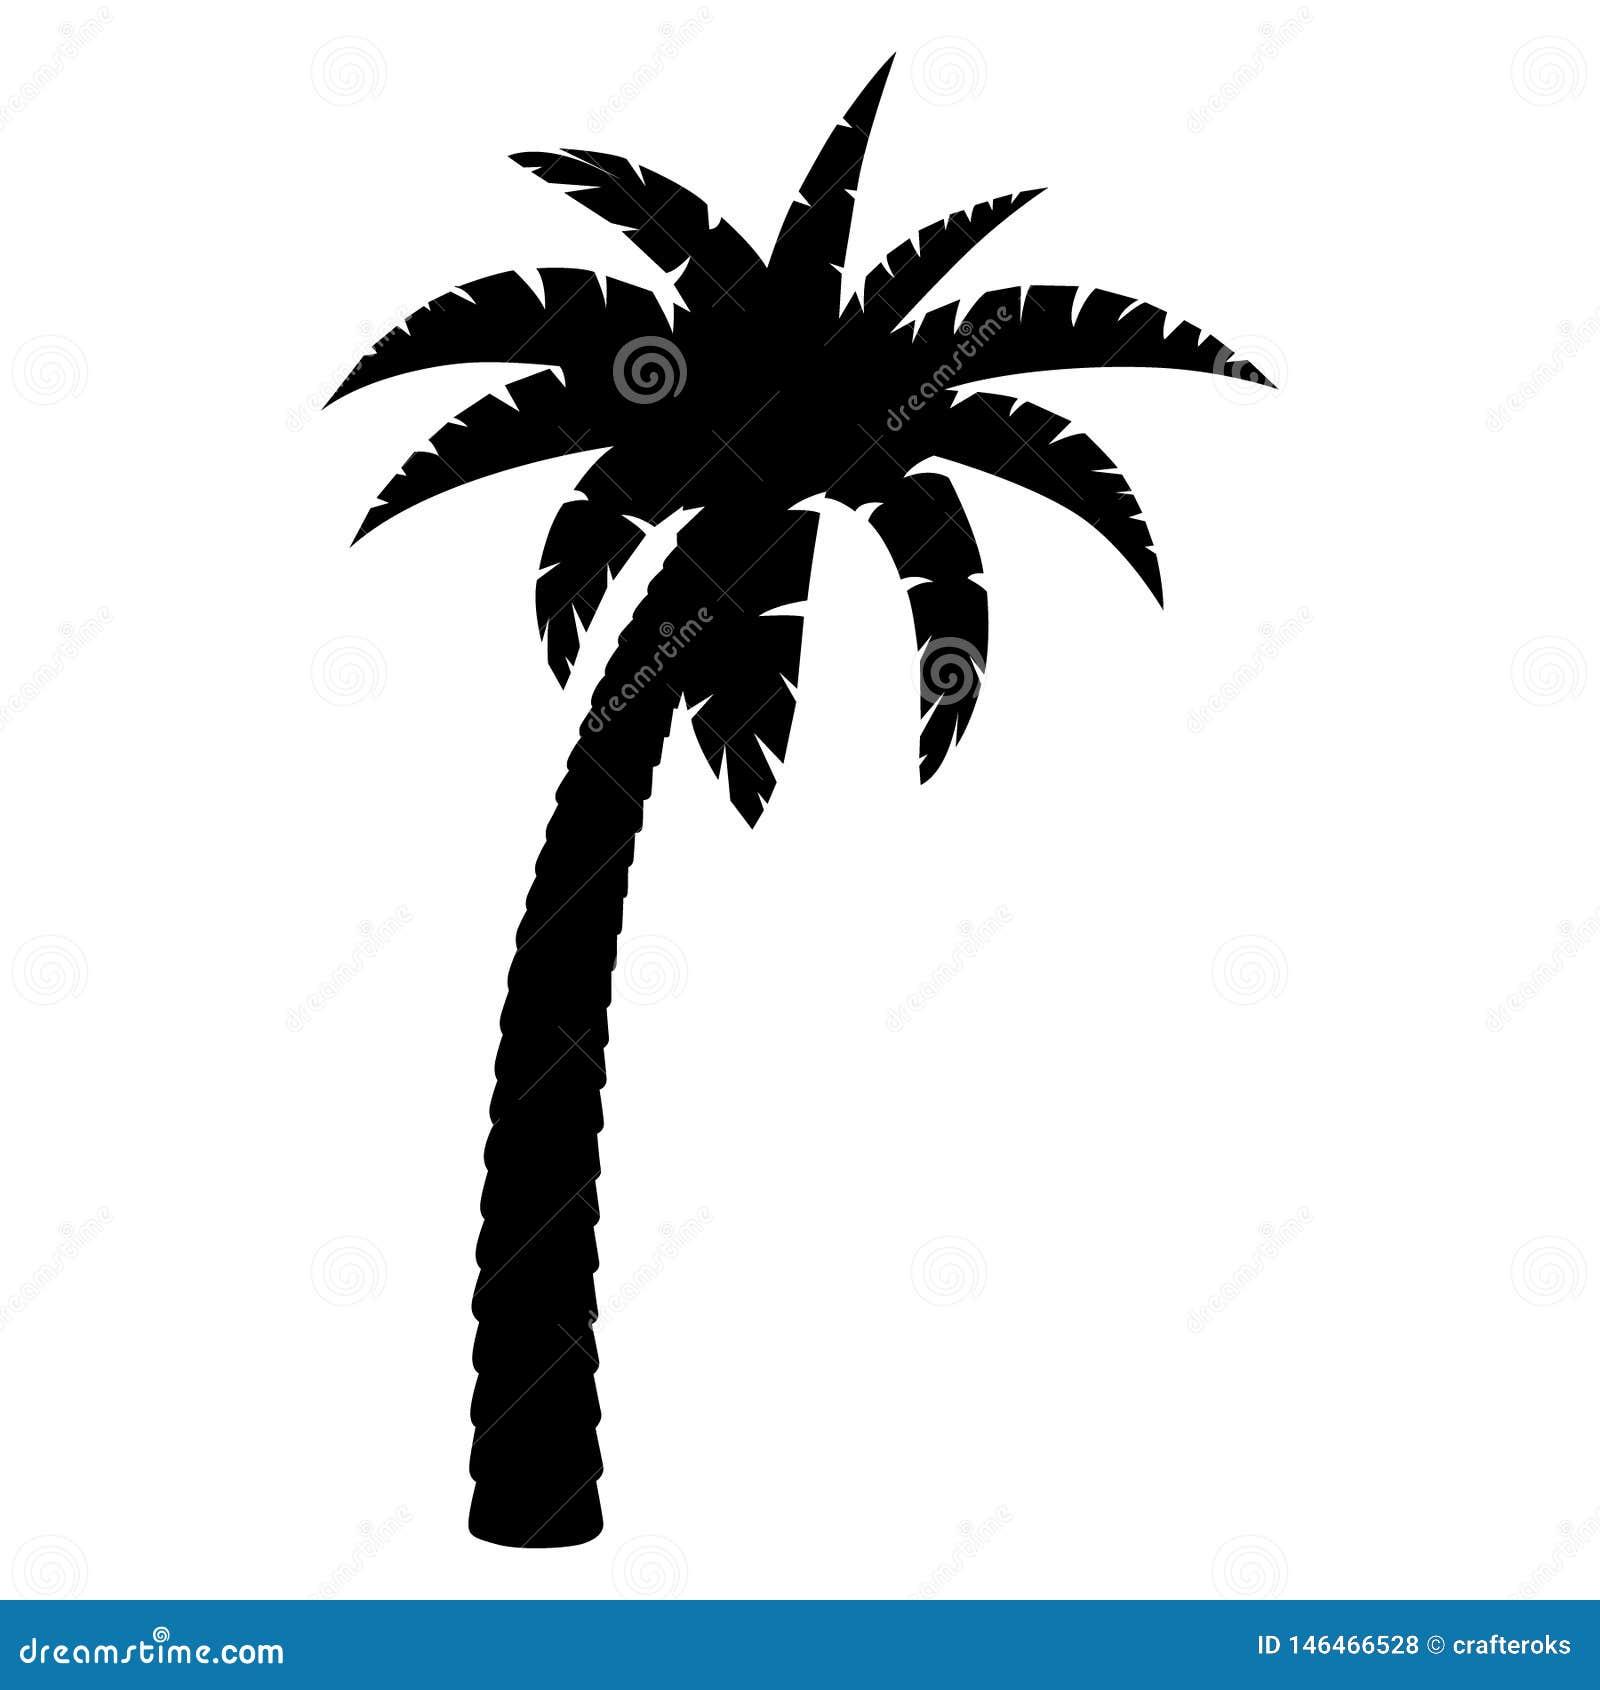 Mano dibujada, vector, EPS, logotipo, icono, ejemplo de la palmera de la silueta por los crafteroks para diversas aplicaciones